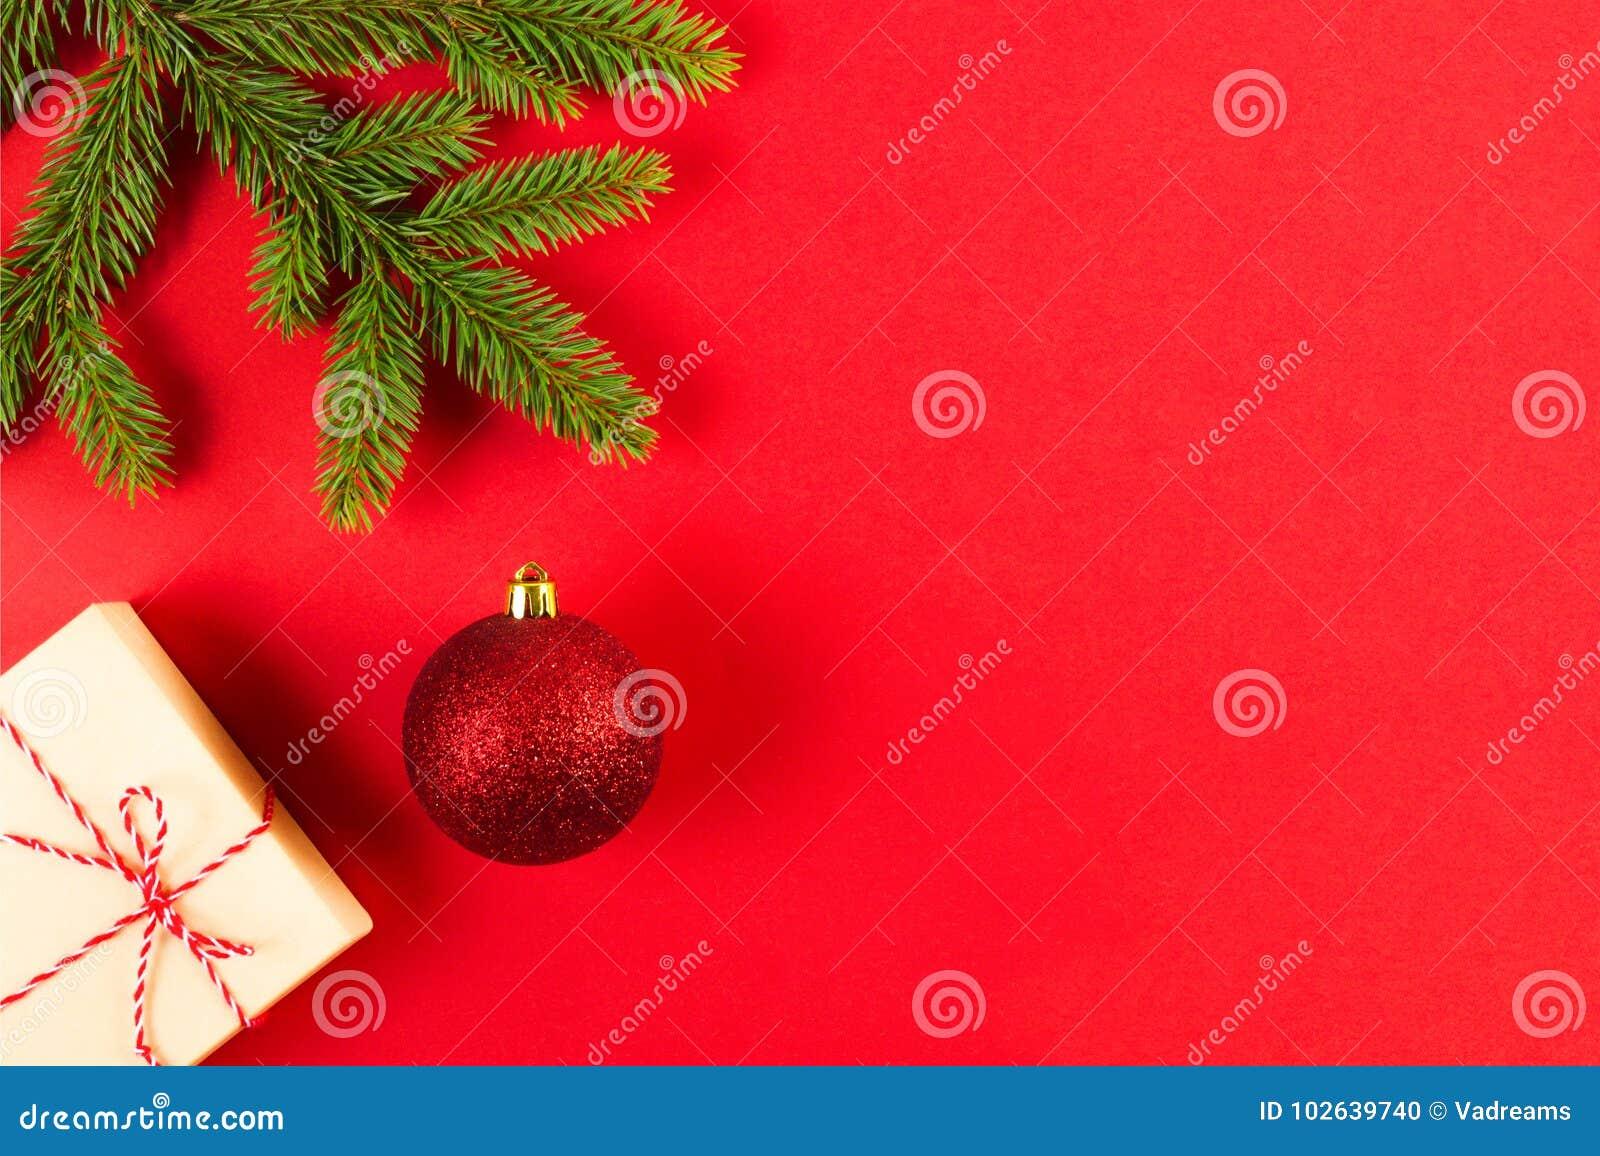 Σύνθεση Χριστουγέννων στο κόκκινο υπόβαθρο Πράσινοι κλάδοι δέντρων έλατου, παρούσες κιβώτιο Χριστουγέννων και διακόσμηση